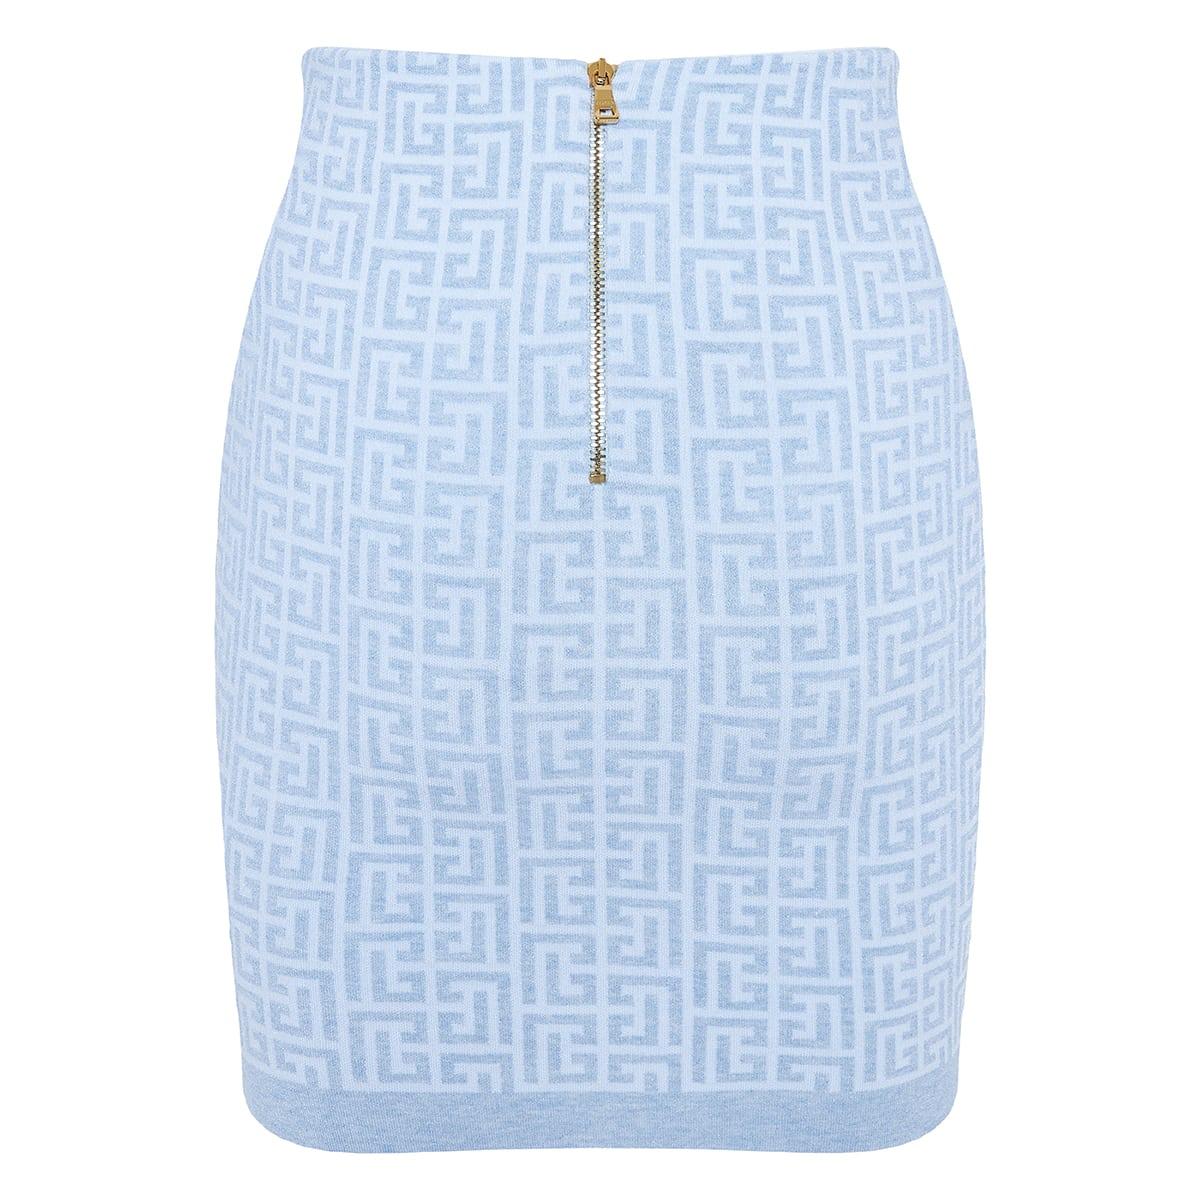 Monogram knitted mini skirt